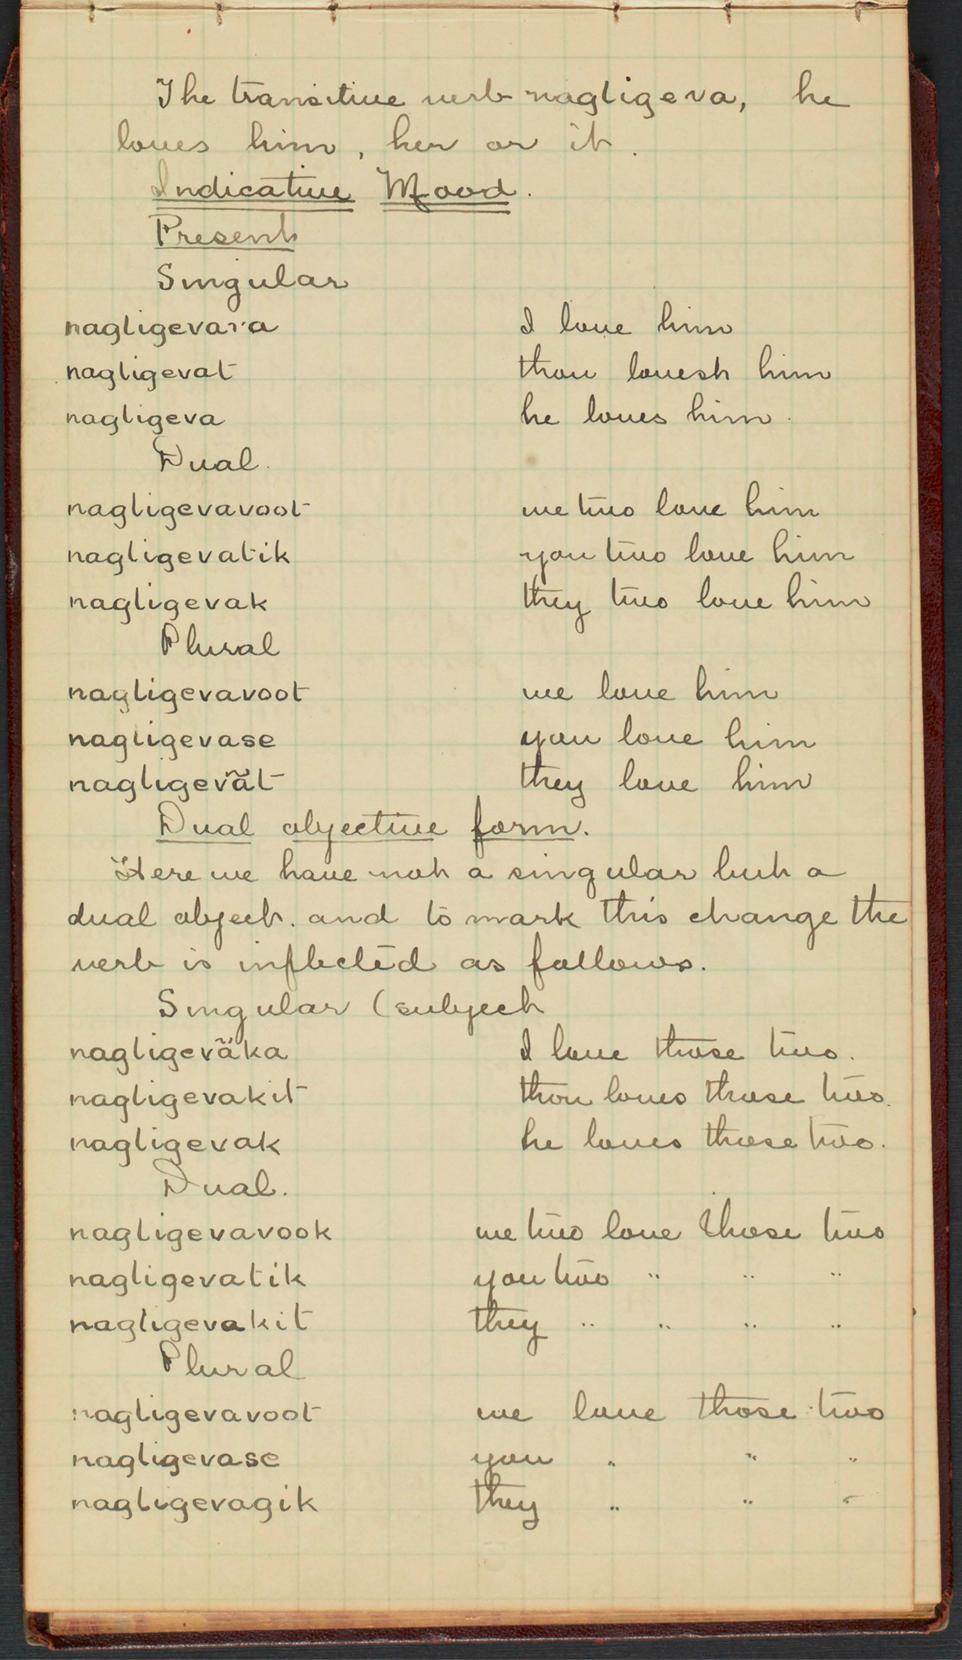 Une page manuscrite d'un carnet notant les conjugaisons en inuktitut du verbe aimer.